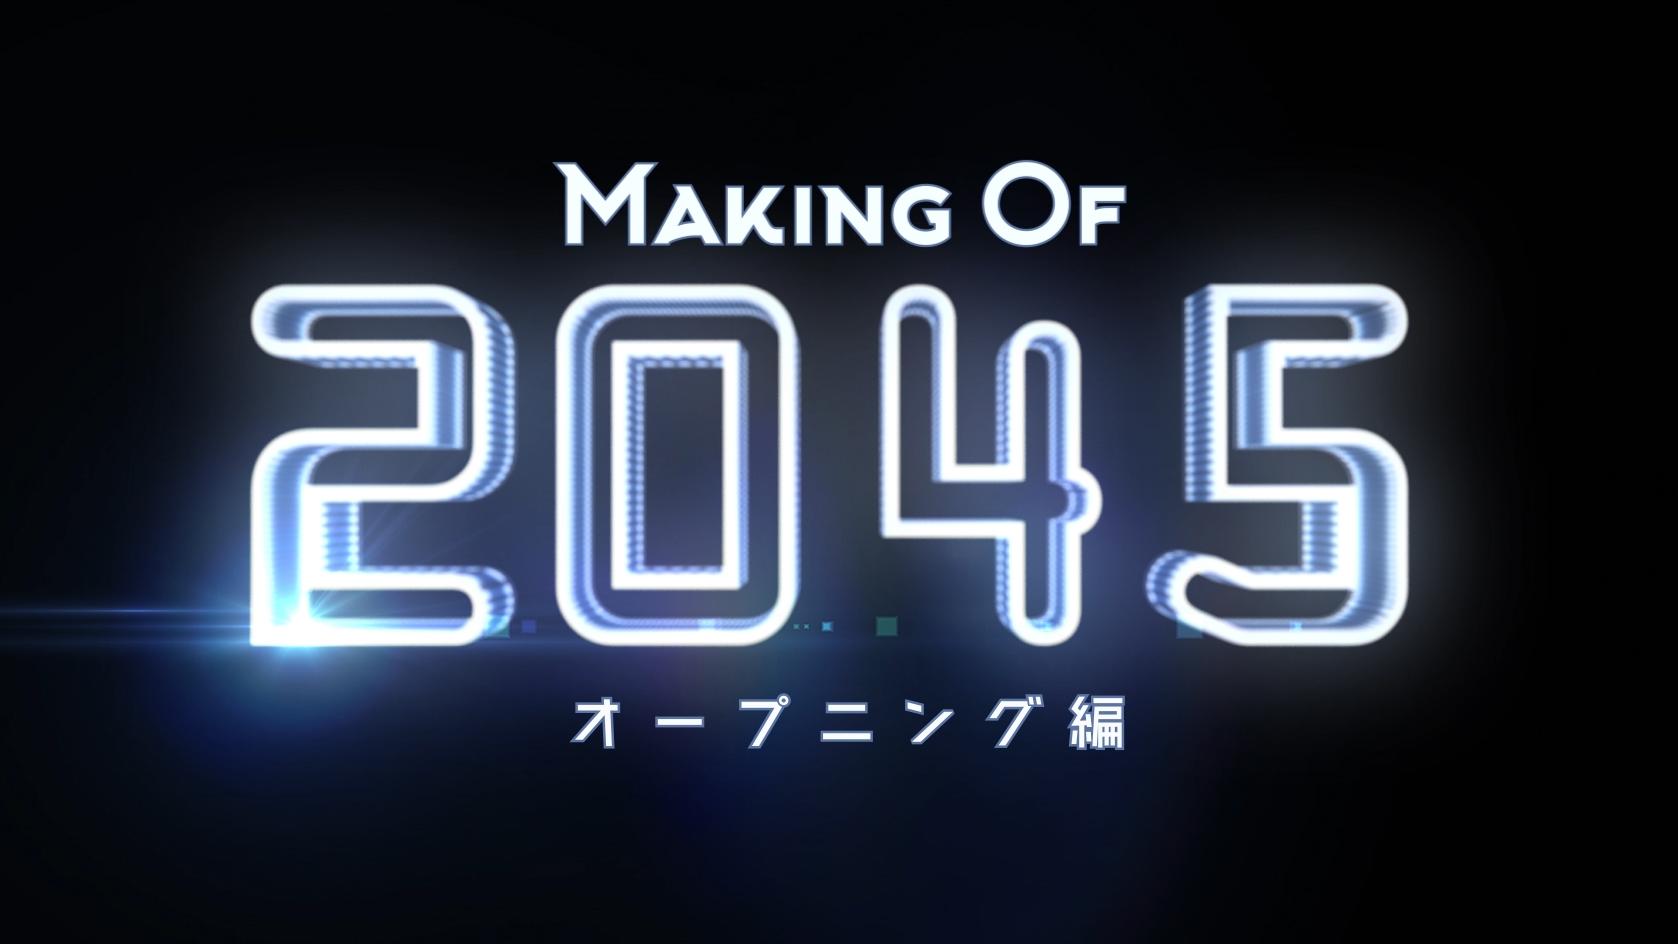 Making Of 2045 / Opening